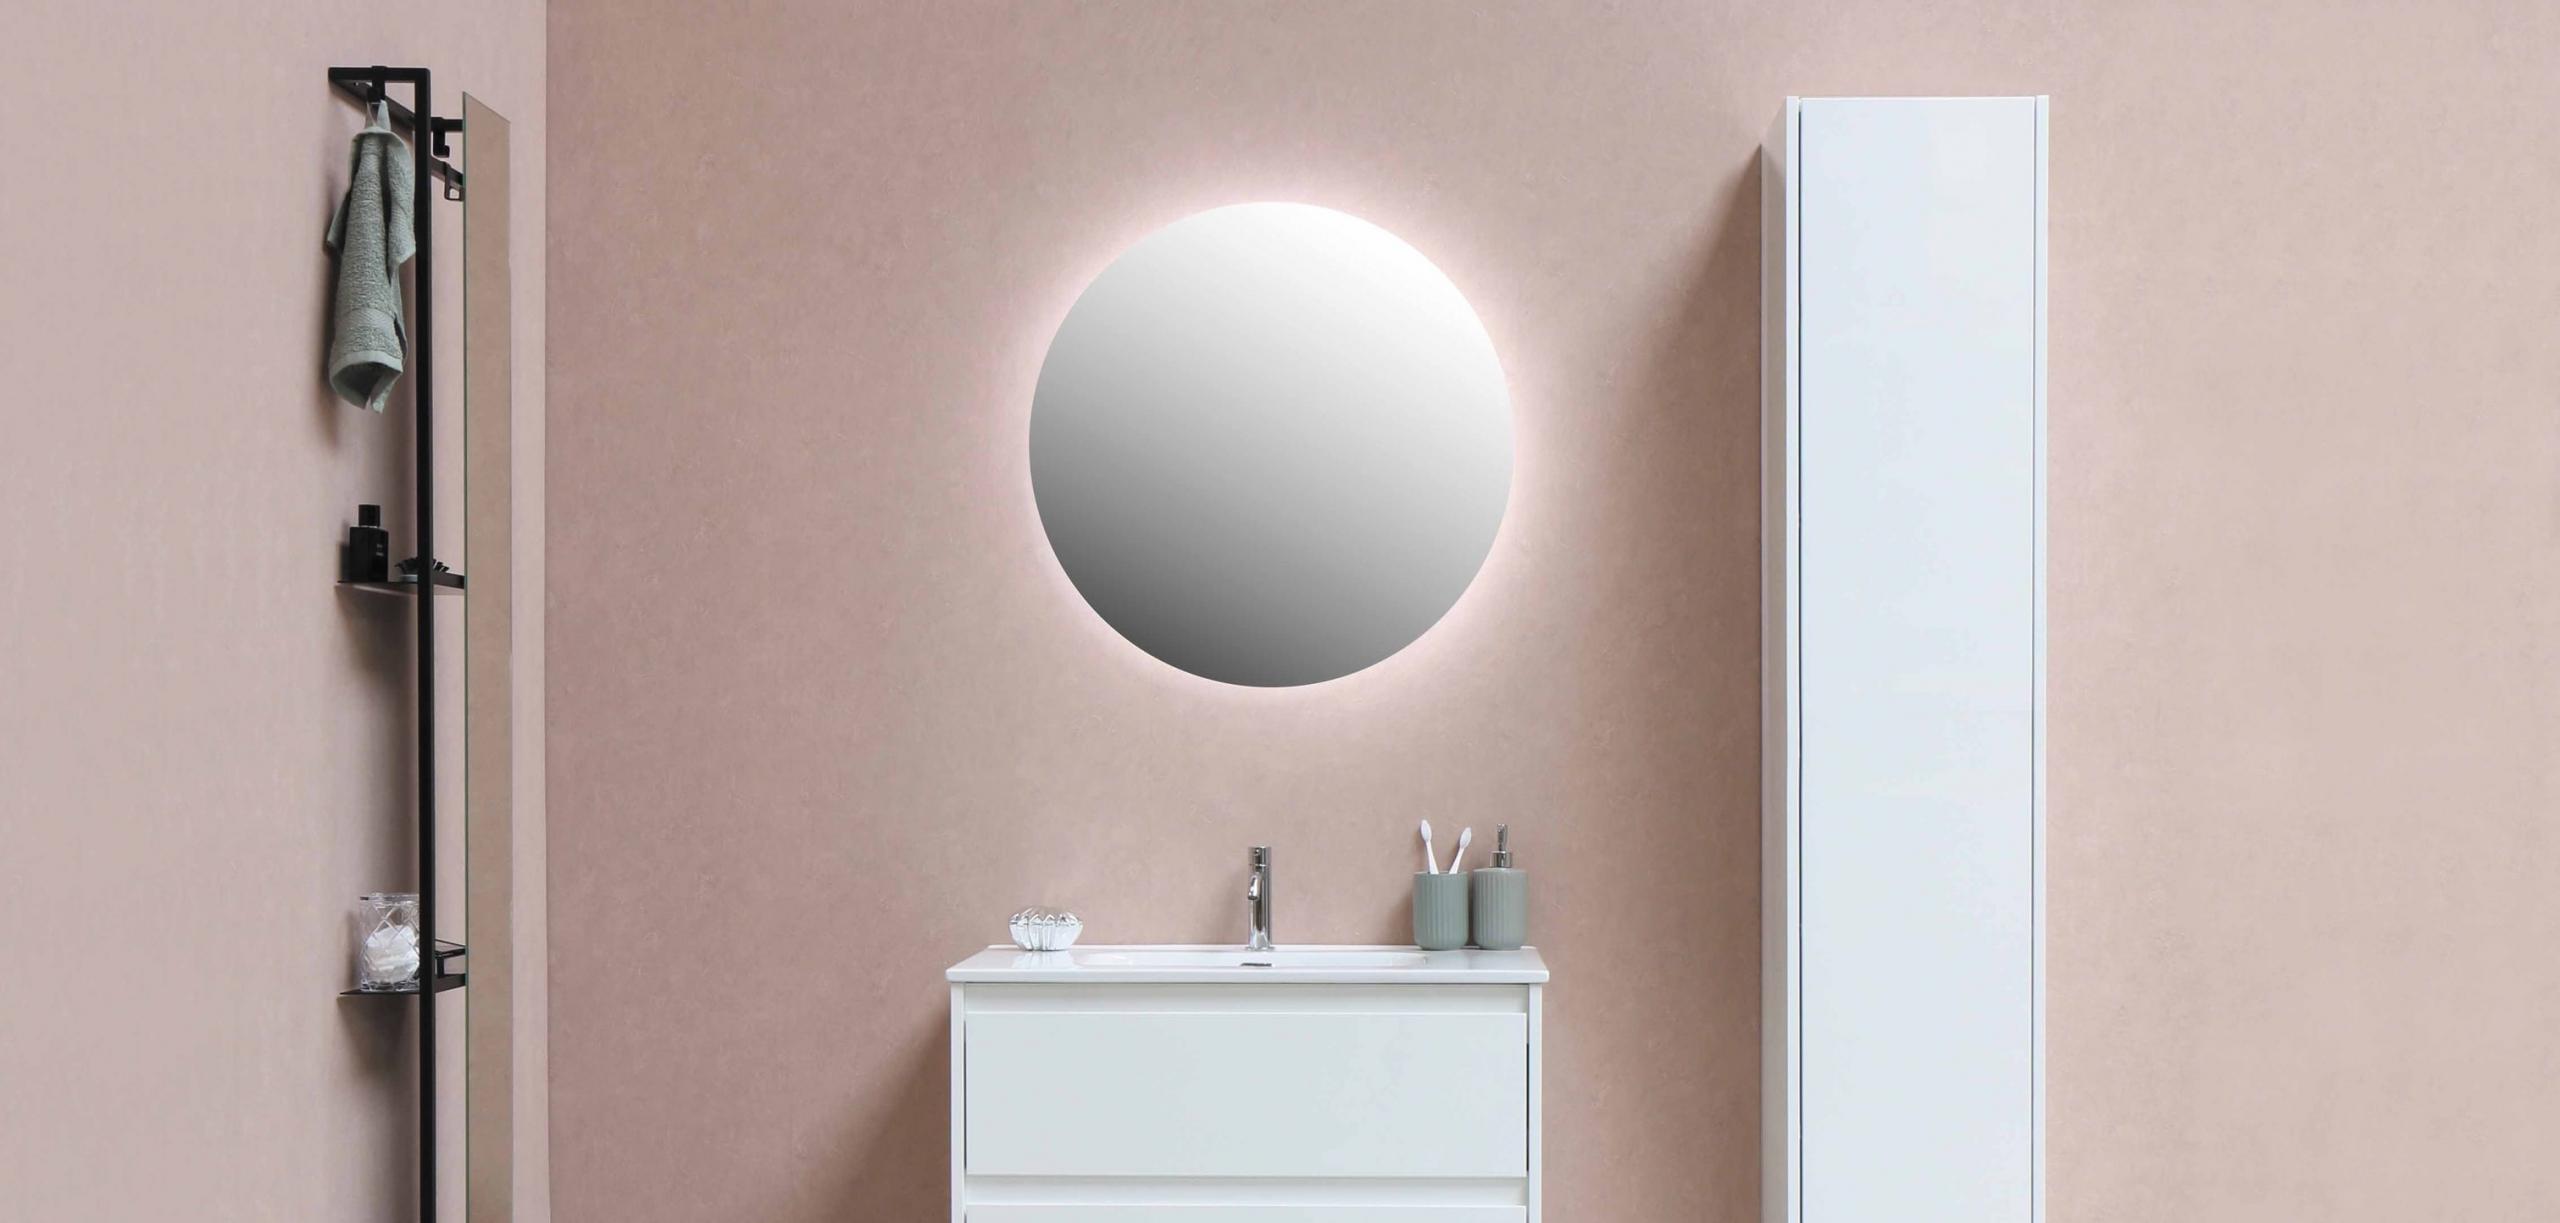 badkamer-roze-ronde-spiegelverlichting